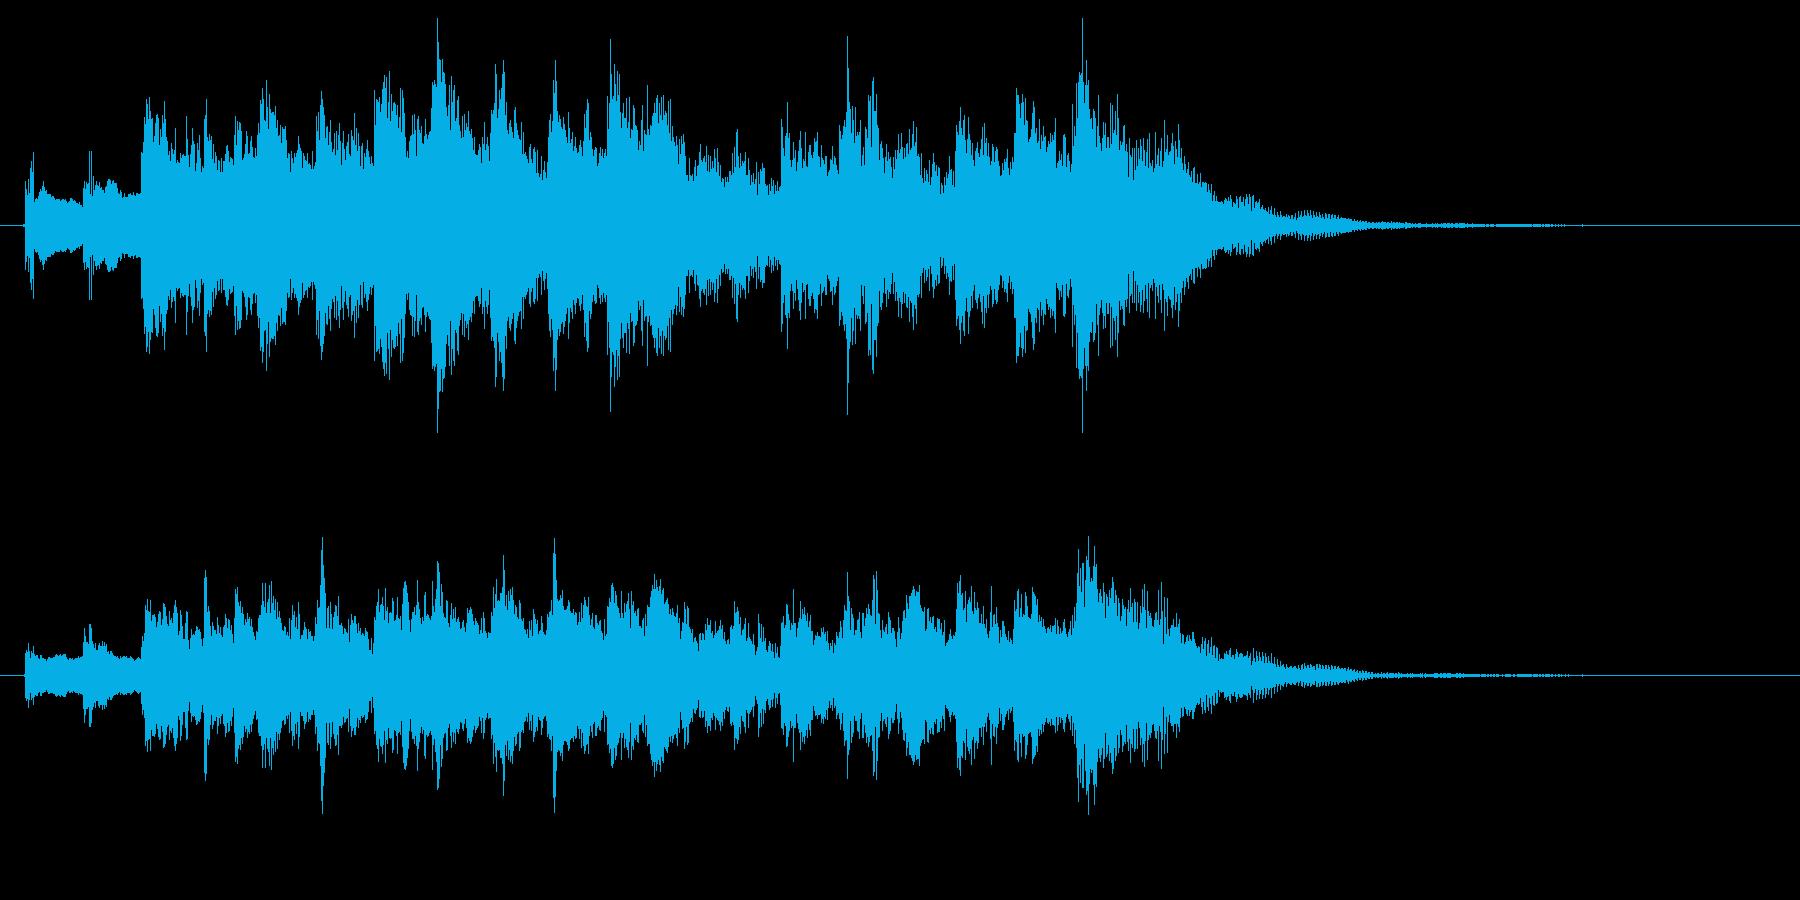 キラキラした前向きで懐かしいジングル2の再生済みの波形